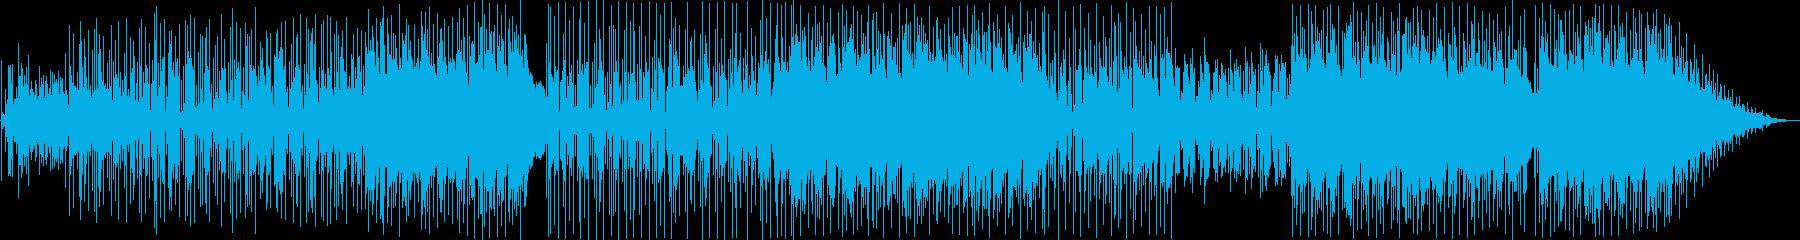 キャッチーなポップソング。ミッドテ...の再生済みの波形